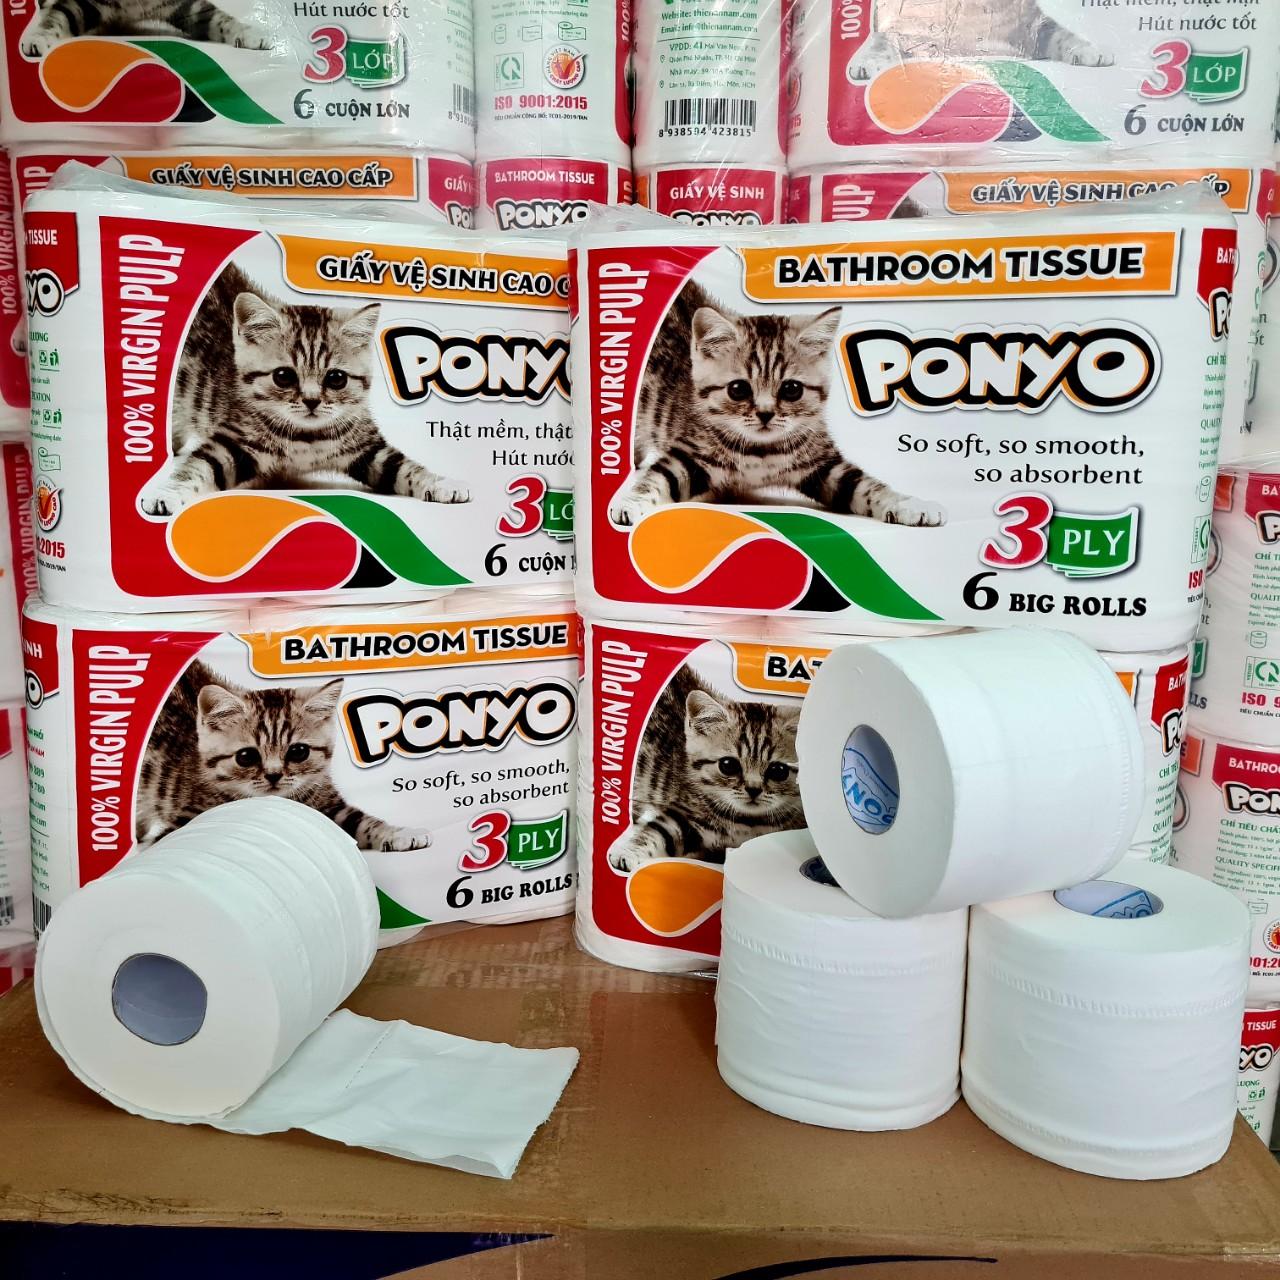 Combo (4 lốc) giấy vệ sinh cao cấp PONYO mèo con, 3 lớp dày mềm mịn, gần 1kg/lốc (6 cuộn)